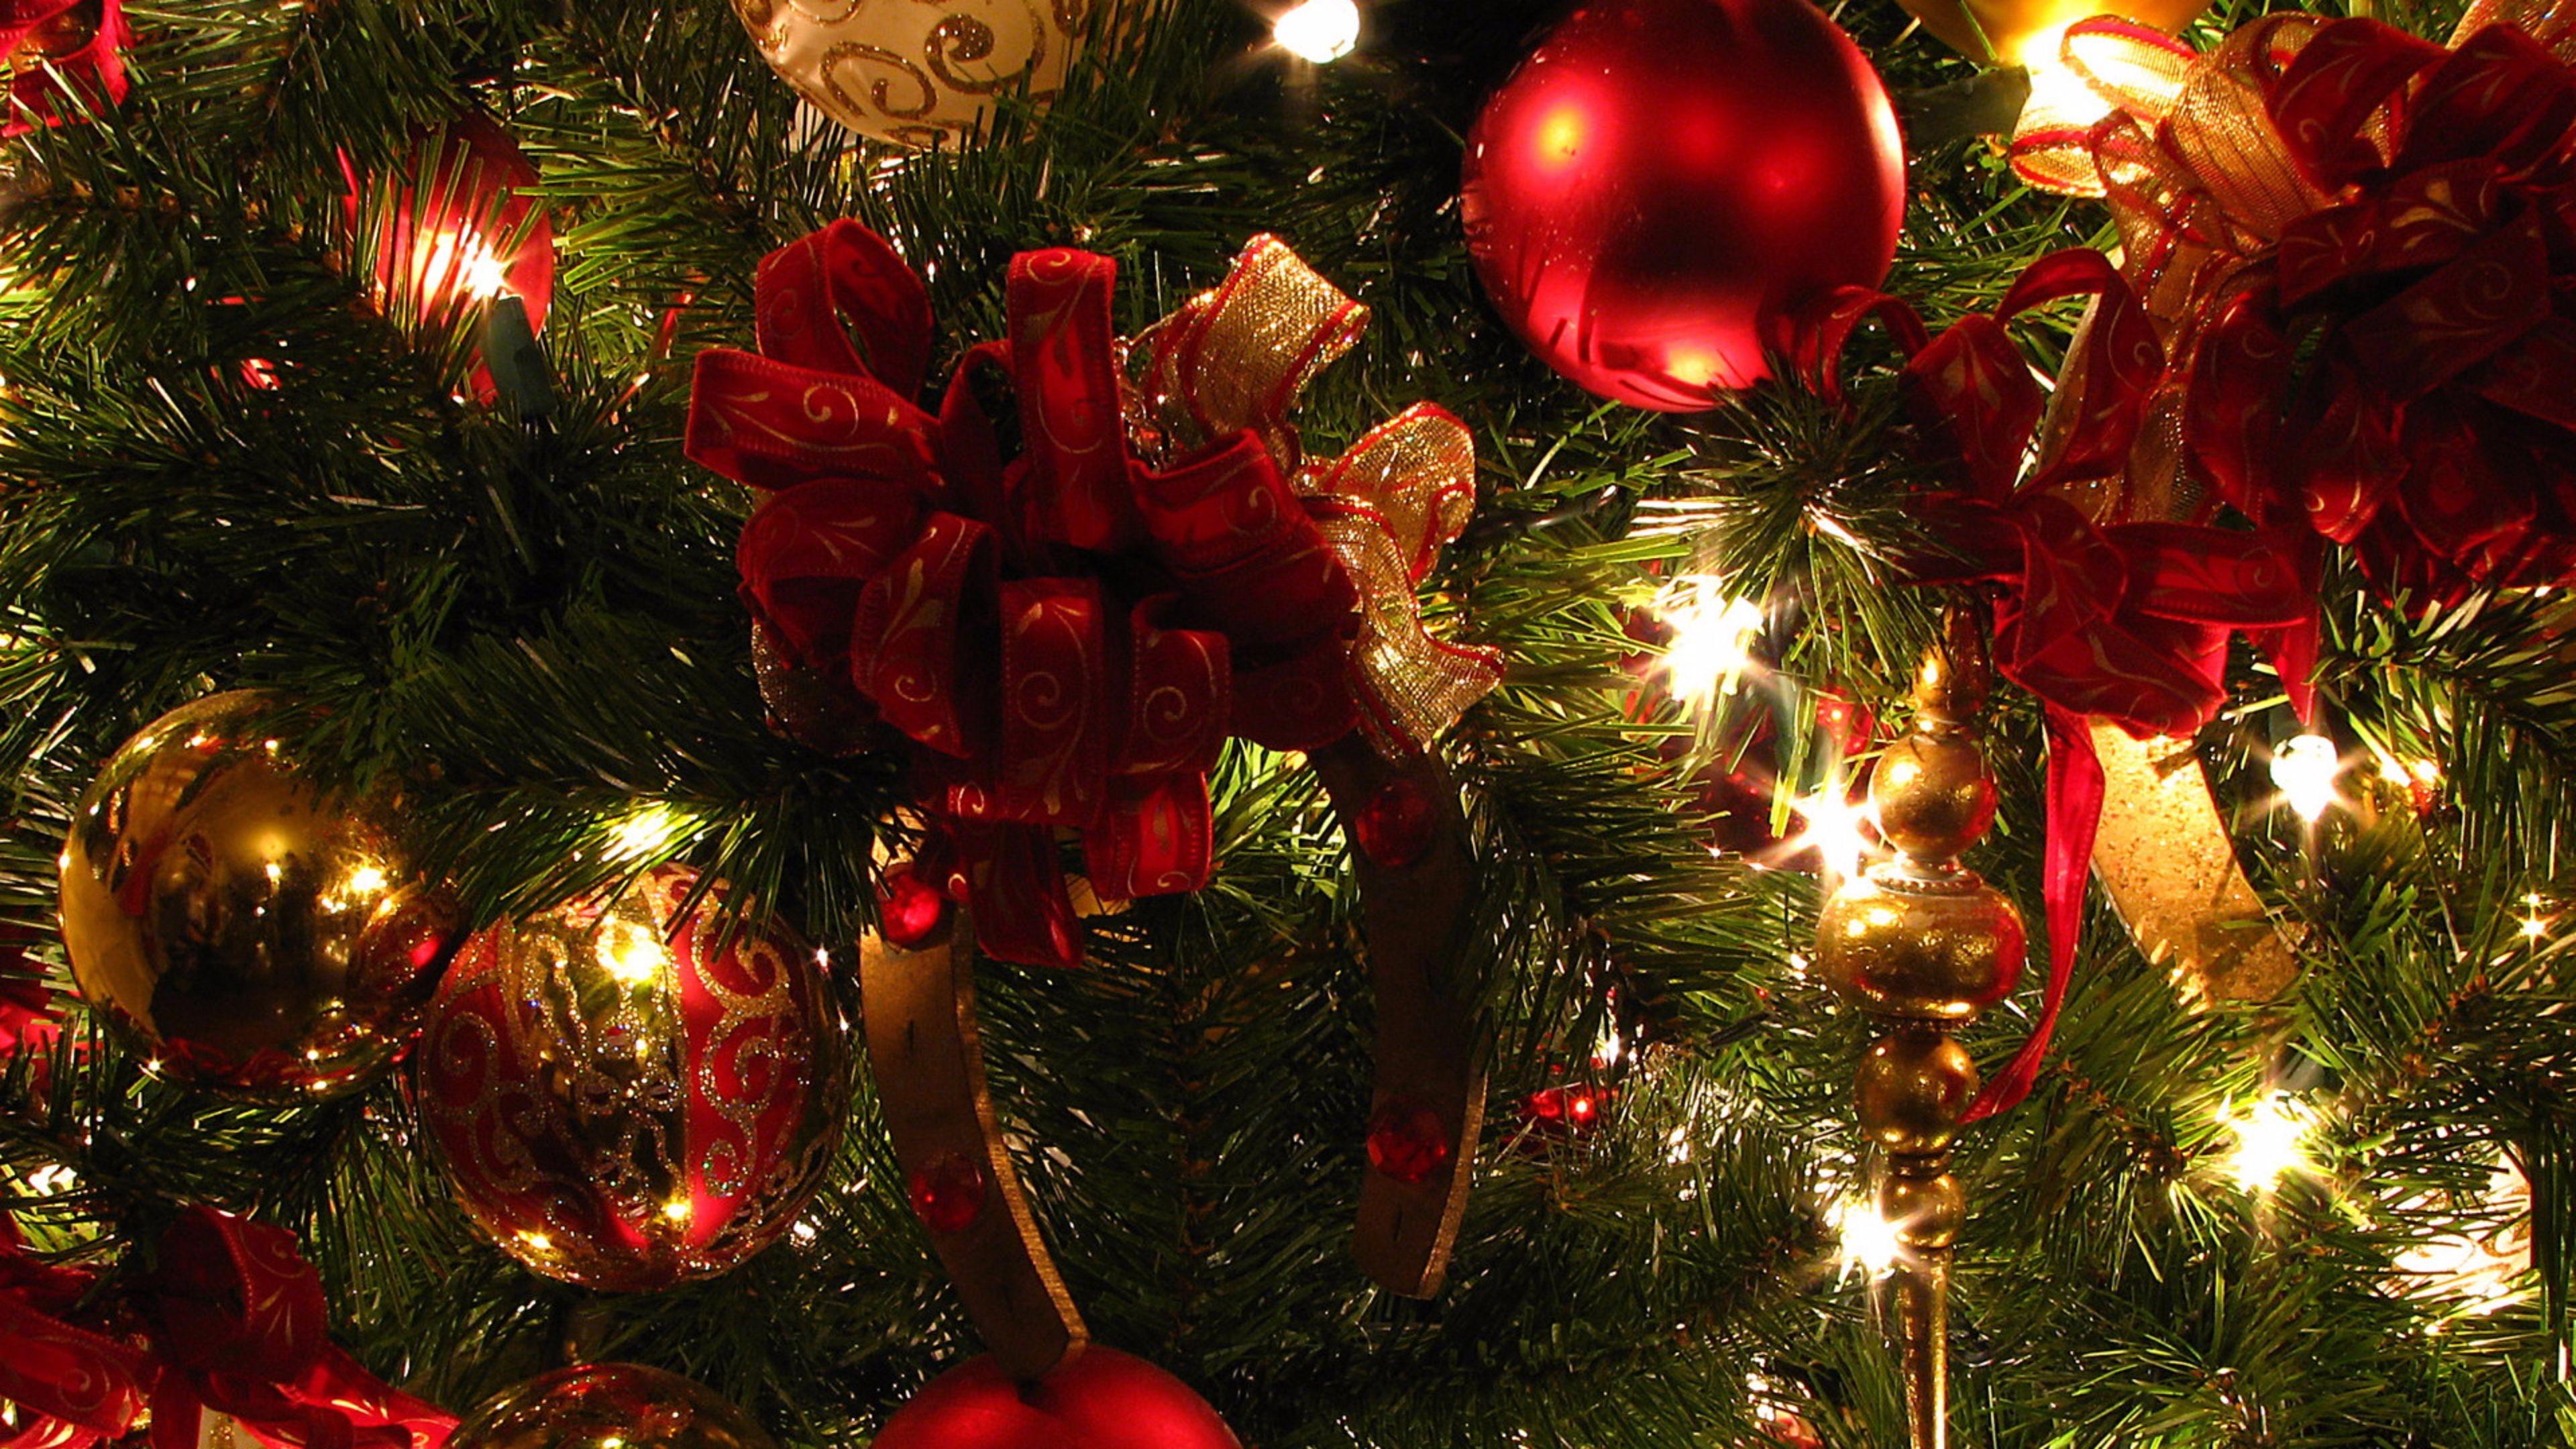 Festive Merry Christmas 4K Wallpaper